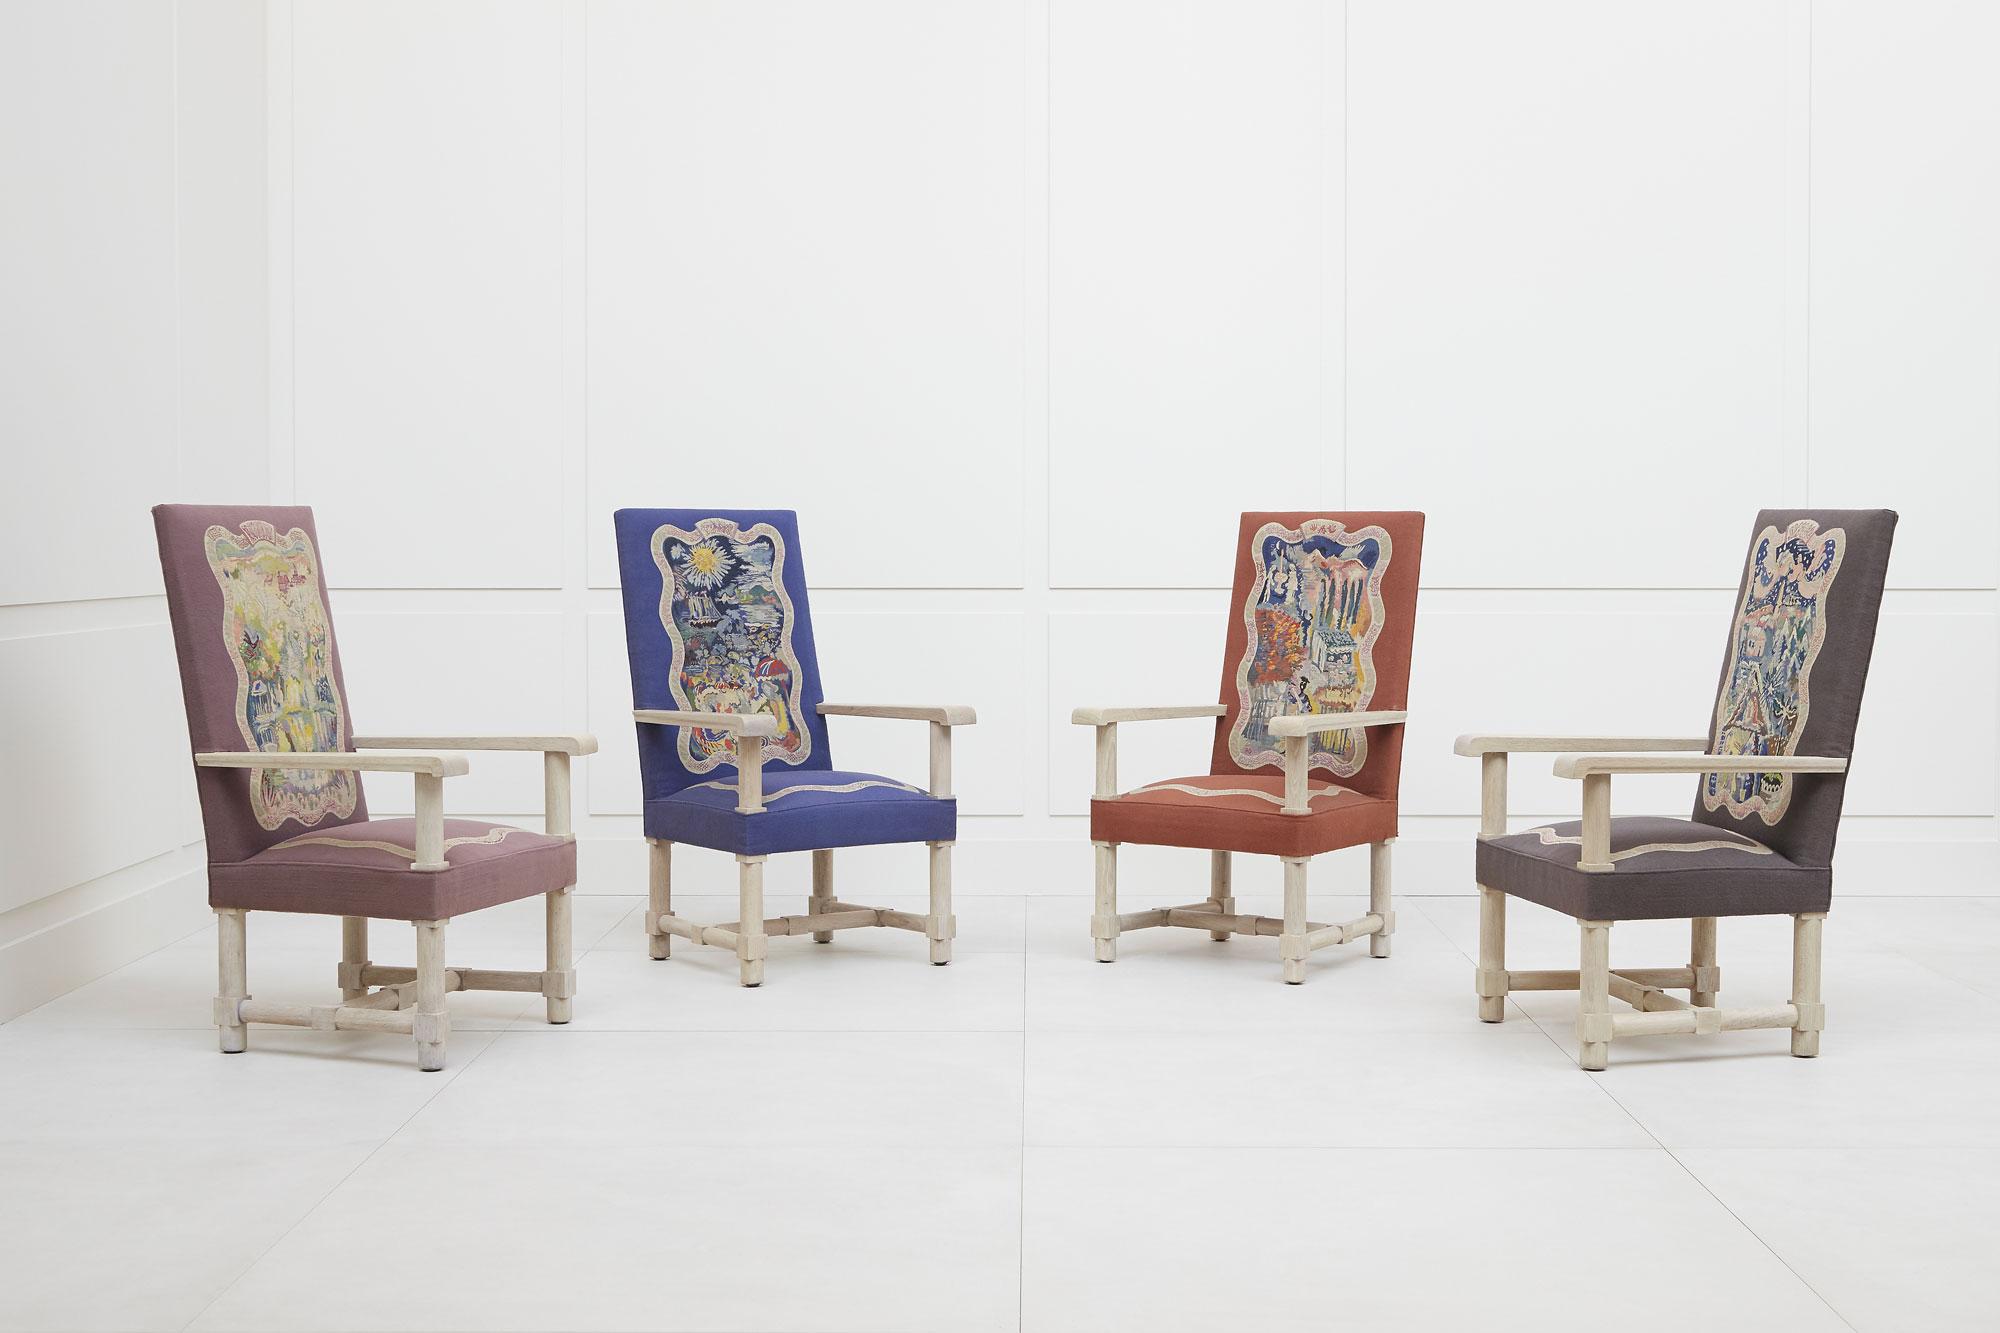 Jacques Adnet, Suite de quatre fauteuils «Les Quatre Saisons», vue 01